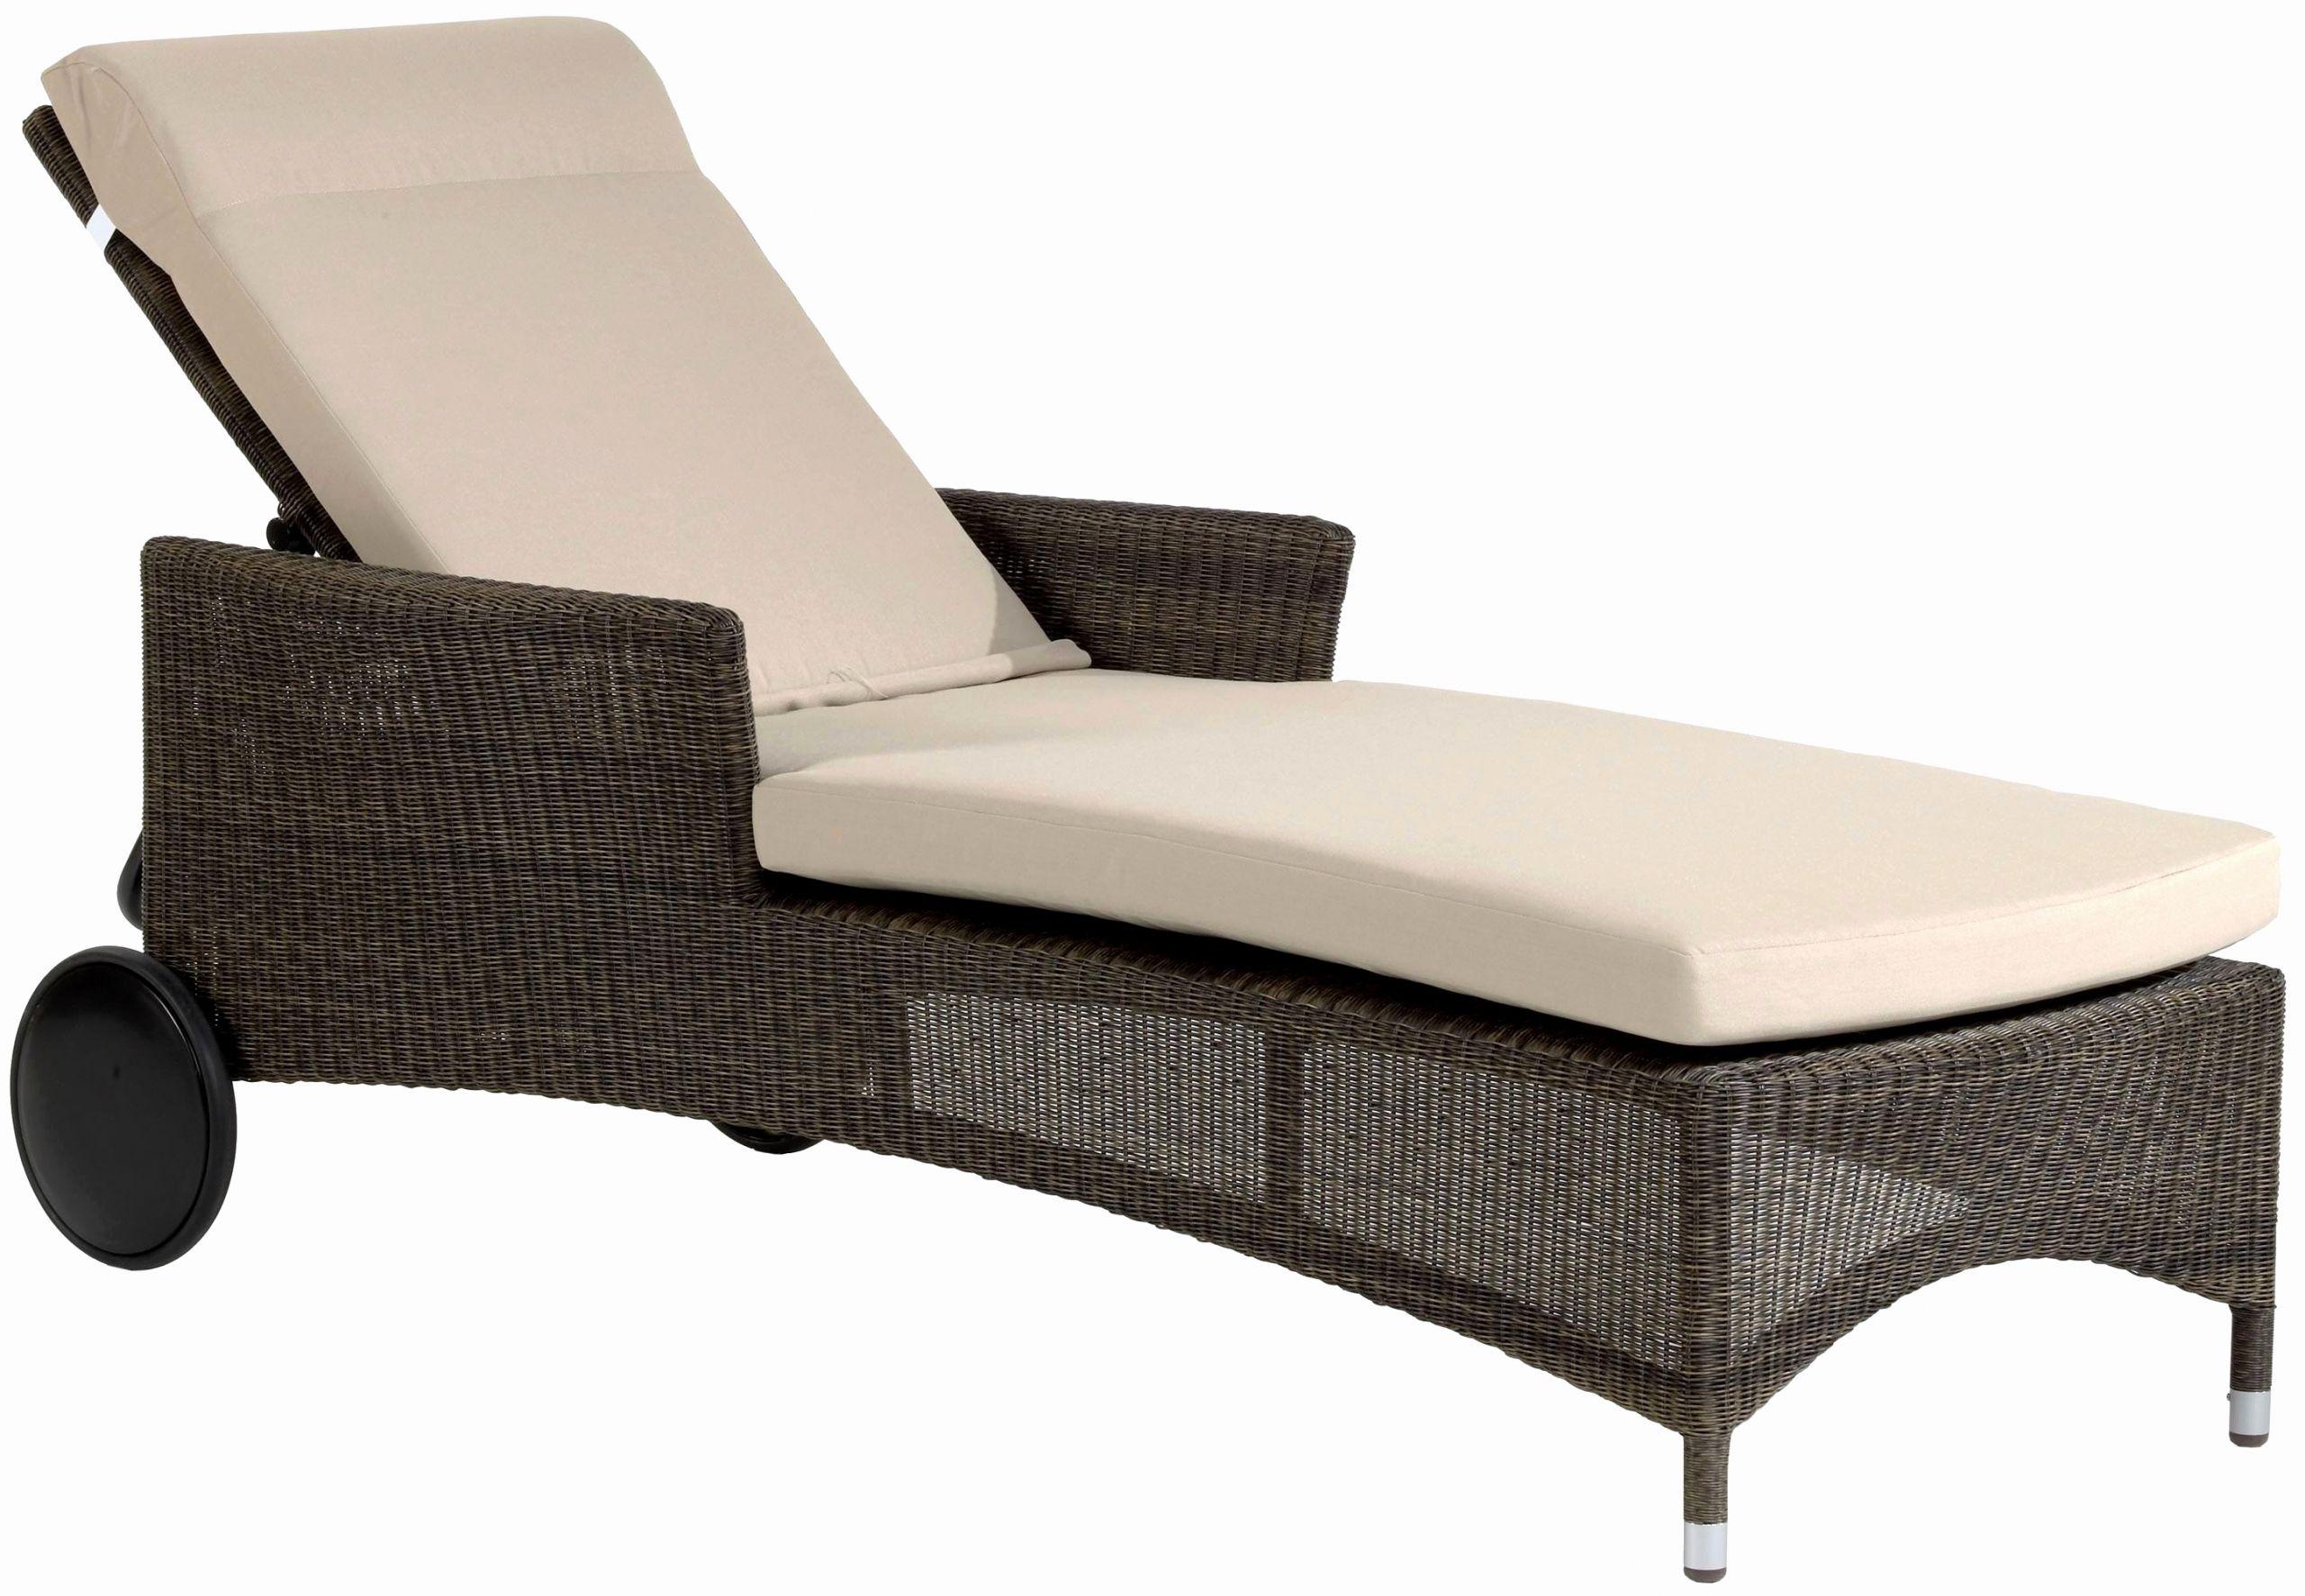 22 nouveau mobilier de jardin hesperide salon jardin - Mobilier jardin hesperide ...